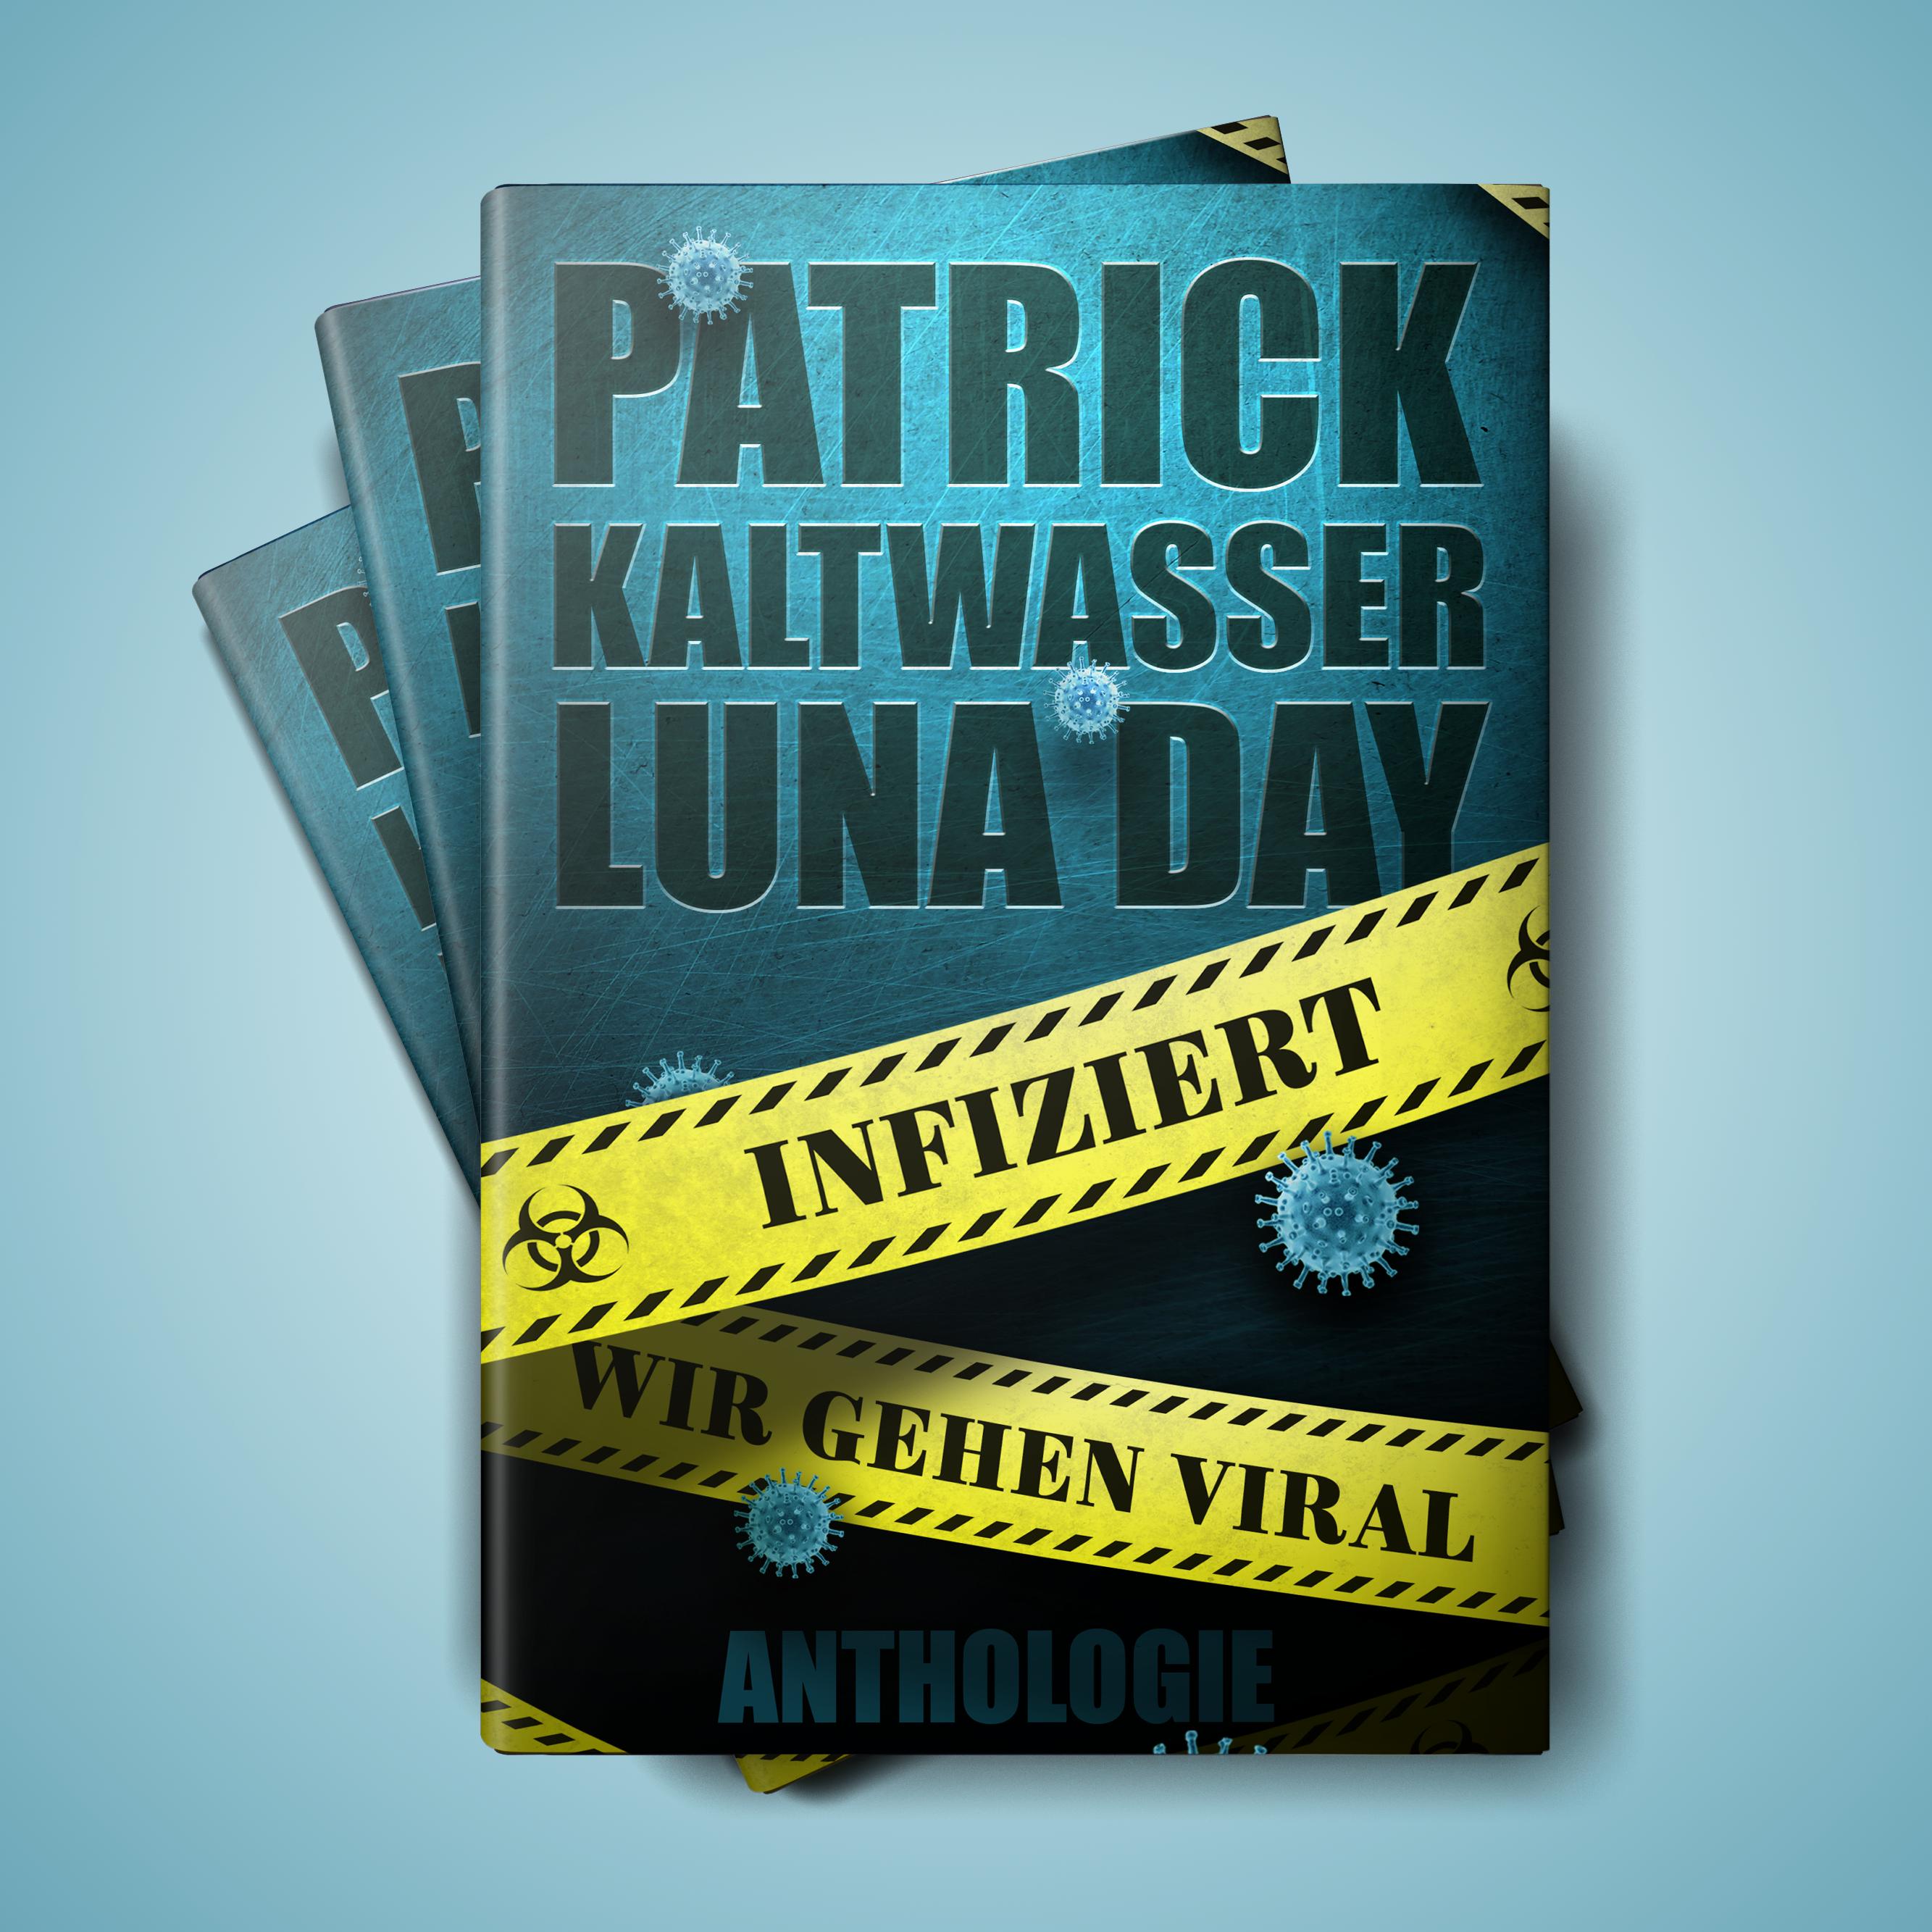 Infiziert – Wir gehen viral von Patrick Kaltwasser und Luna Day